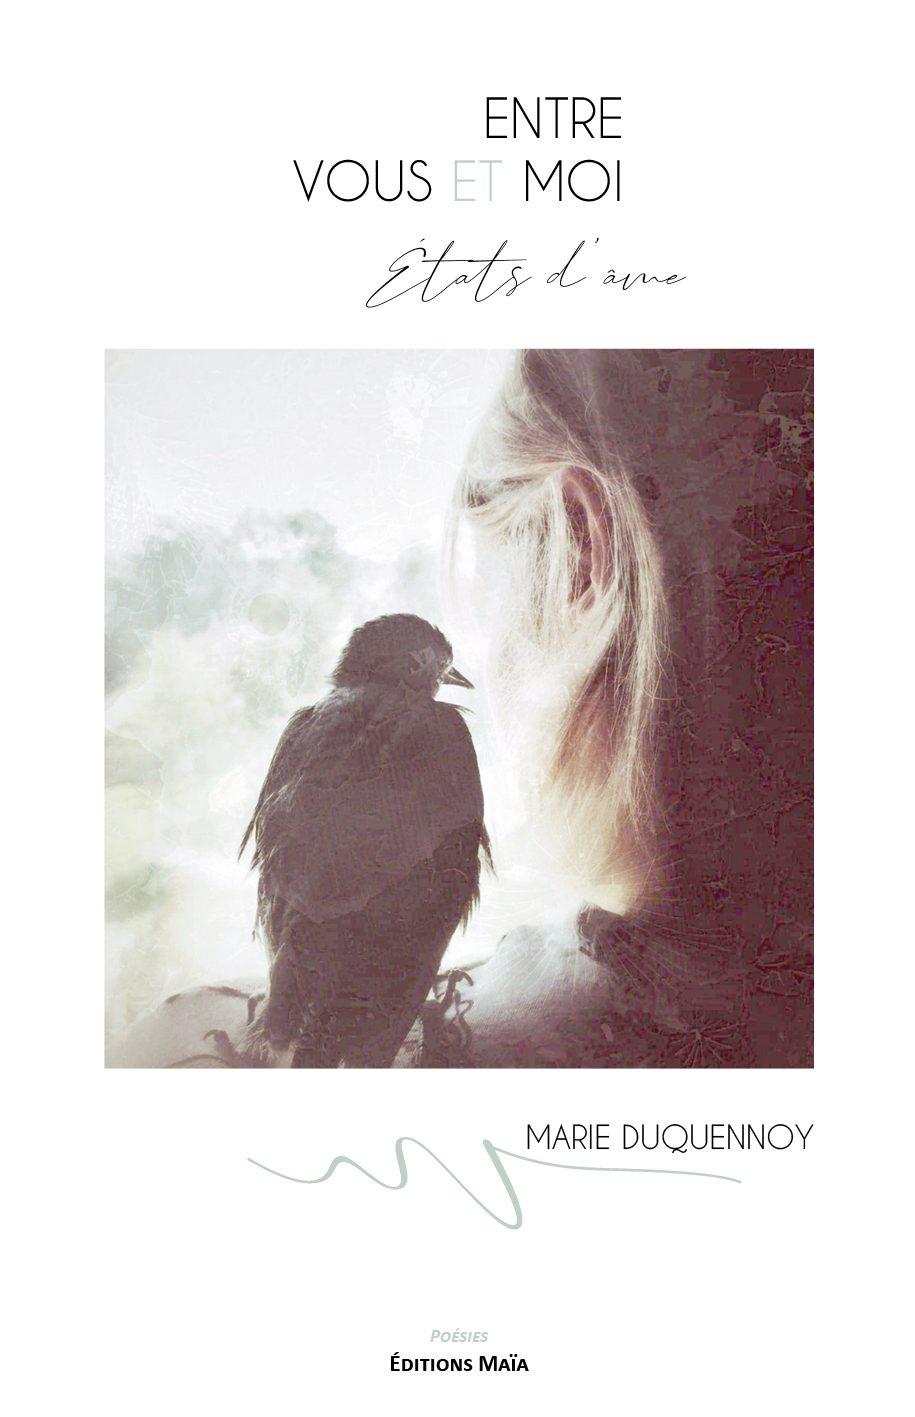 Entretien avec Marie Duquennoy – Entre vous et moi